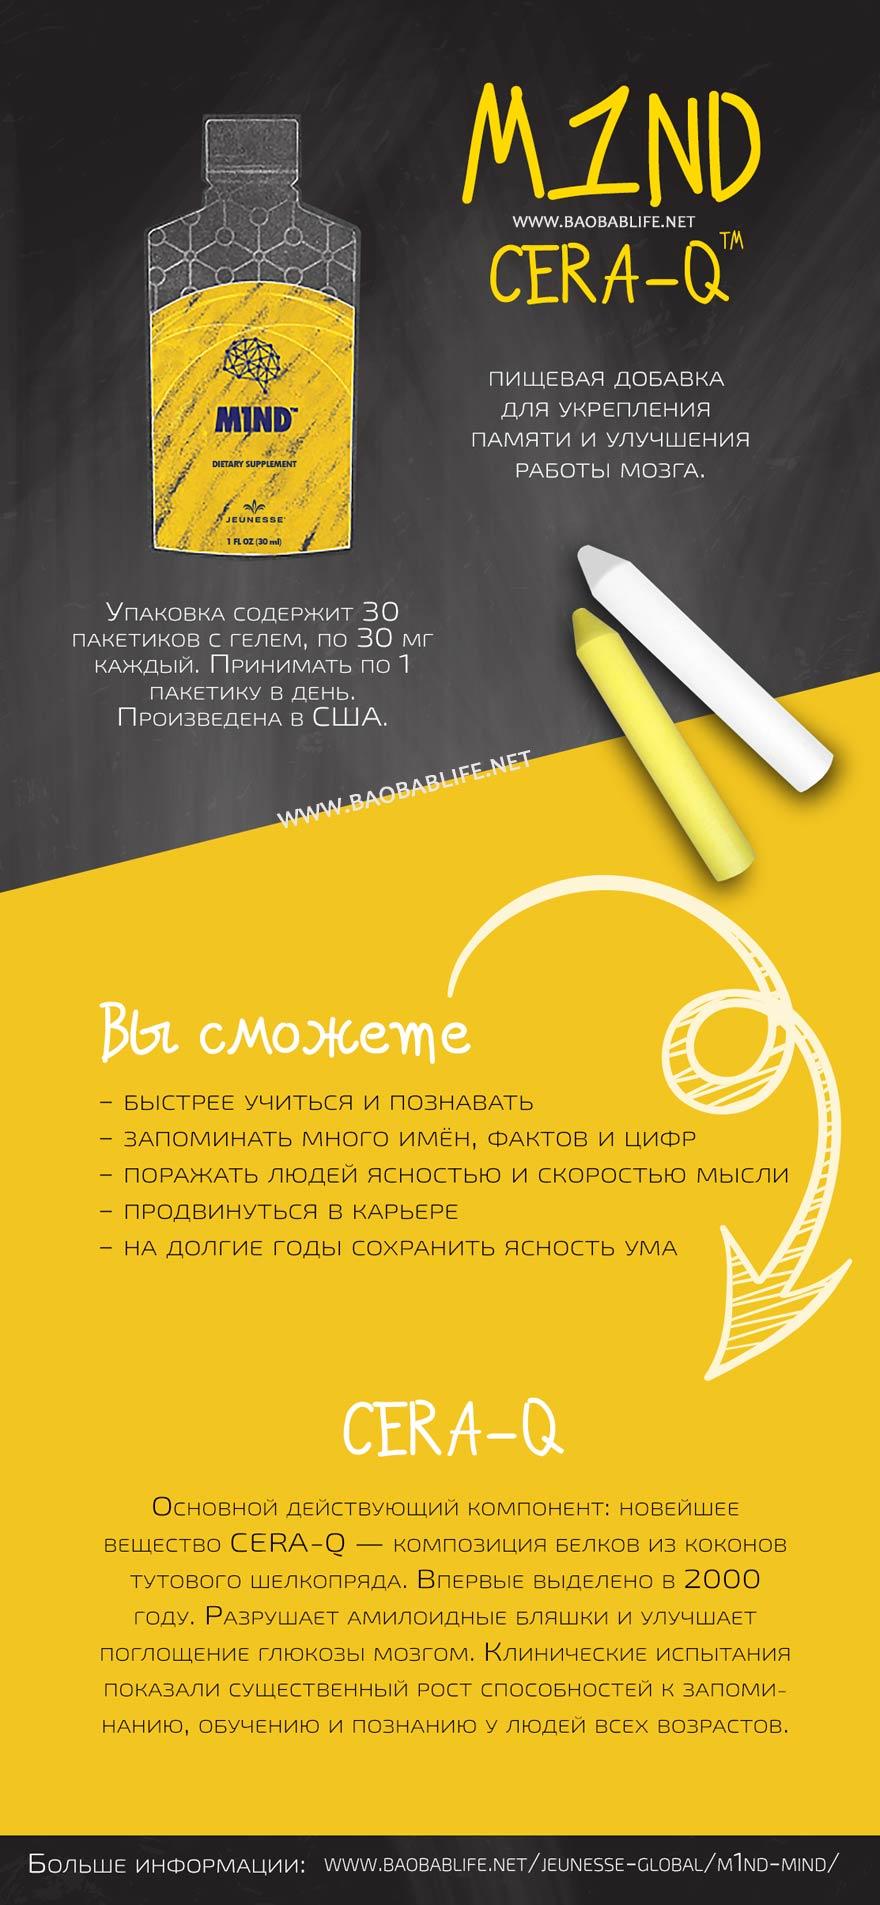 Jeunesse M1ND (MIND) буклет на русском